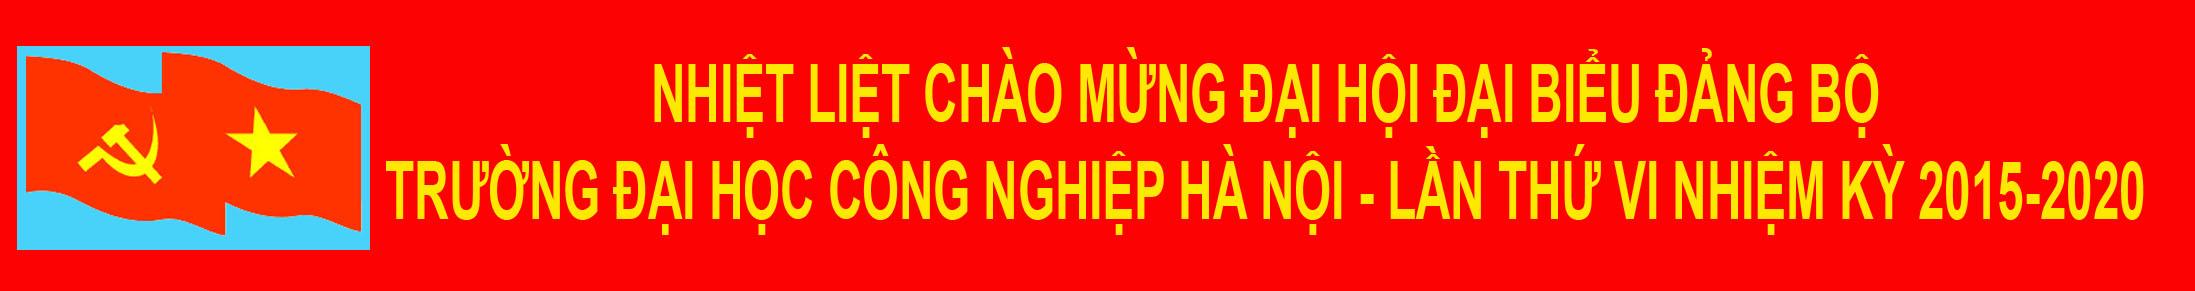 Đại hội Đảng bộ Trường Đại học Công nghiệp Hà Nội